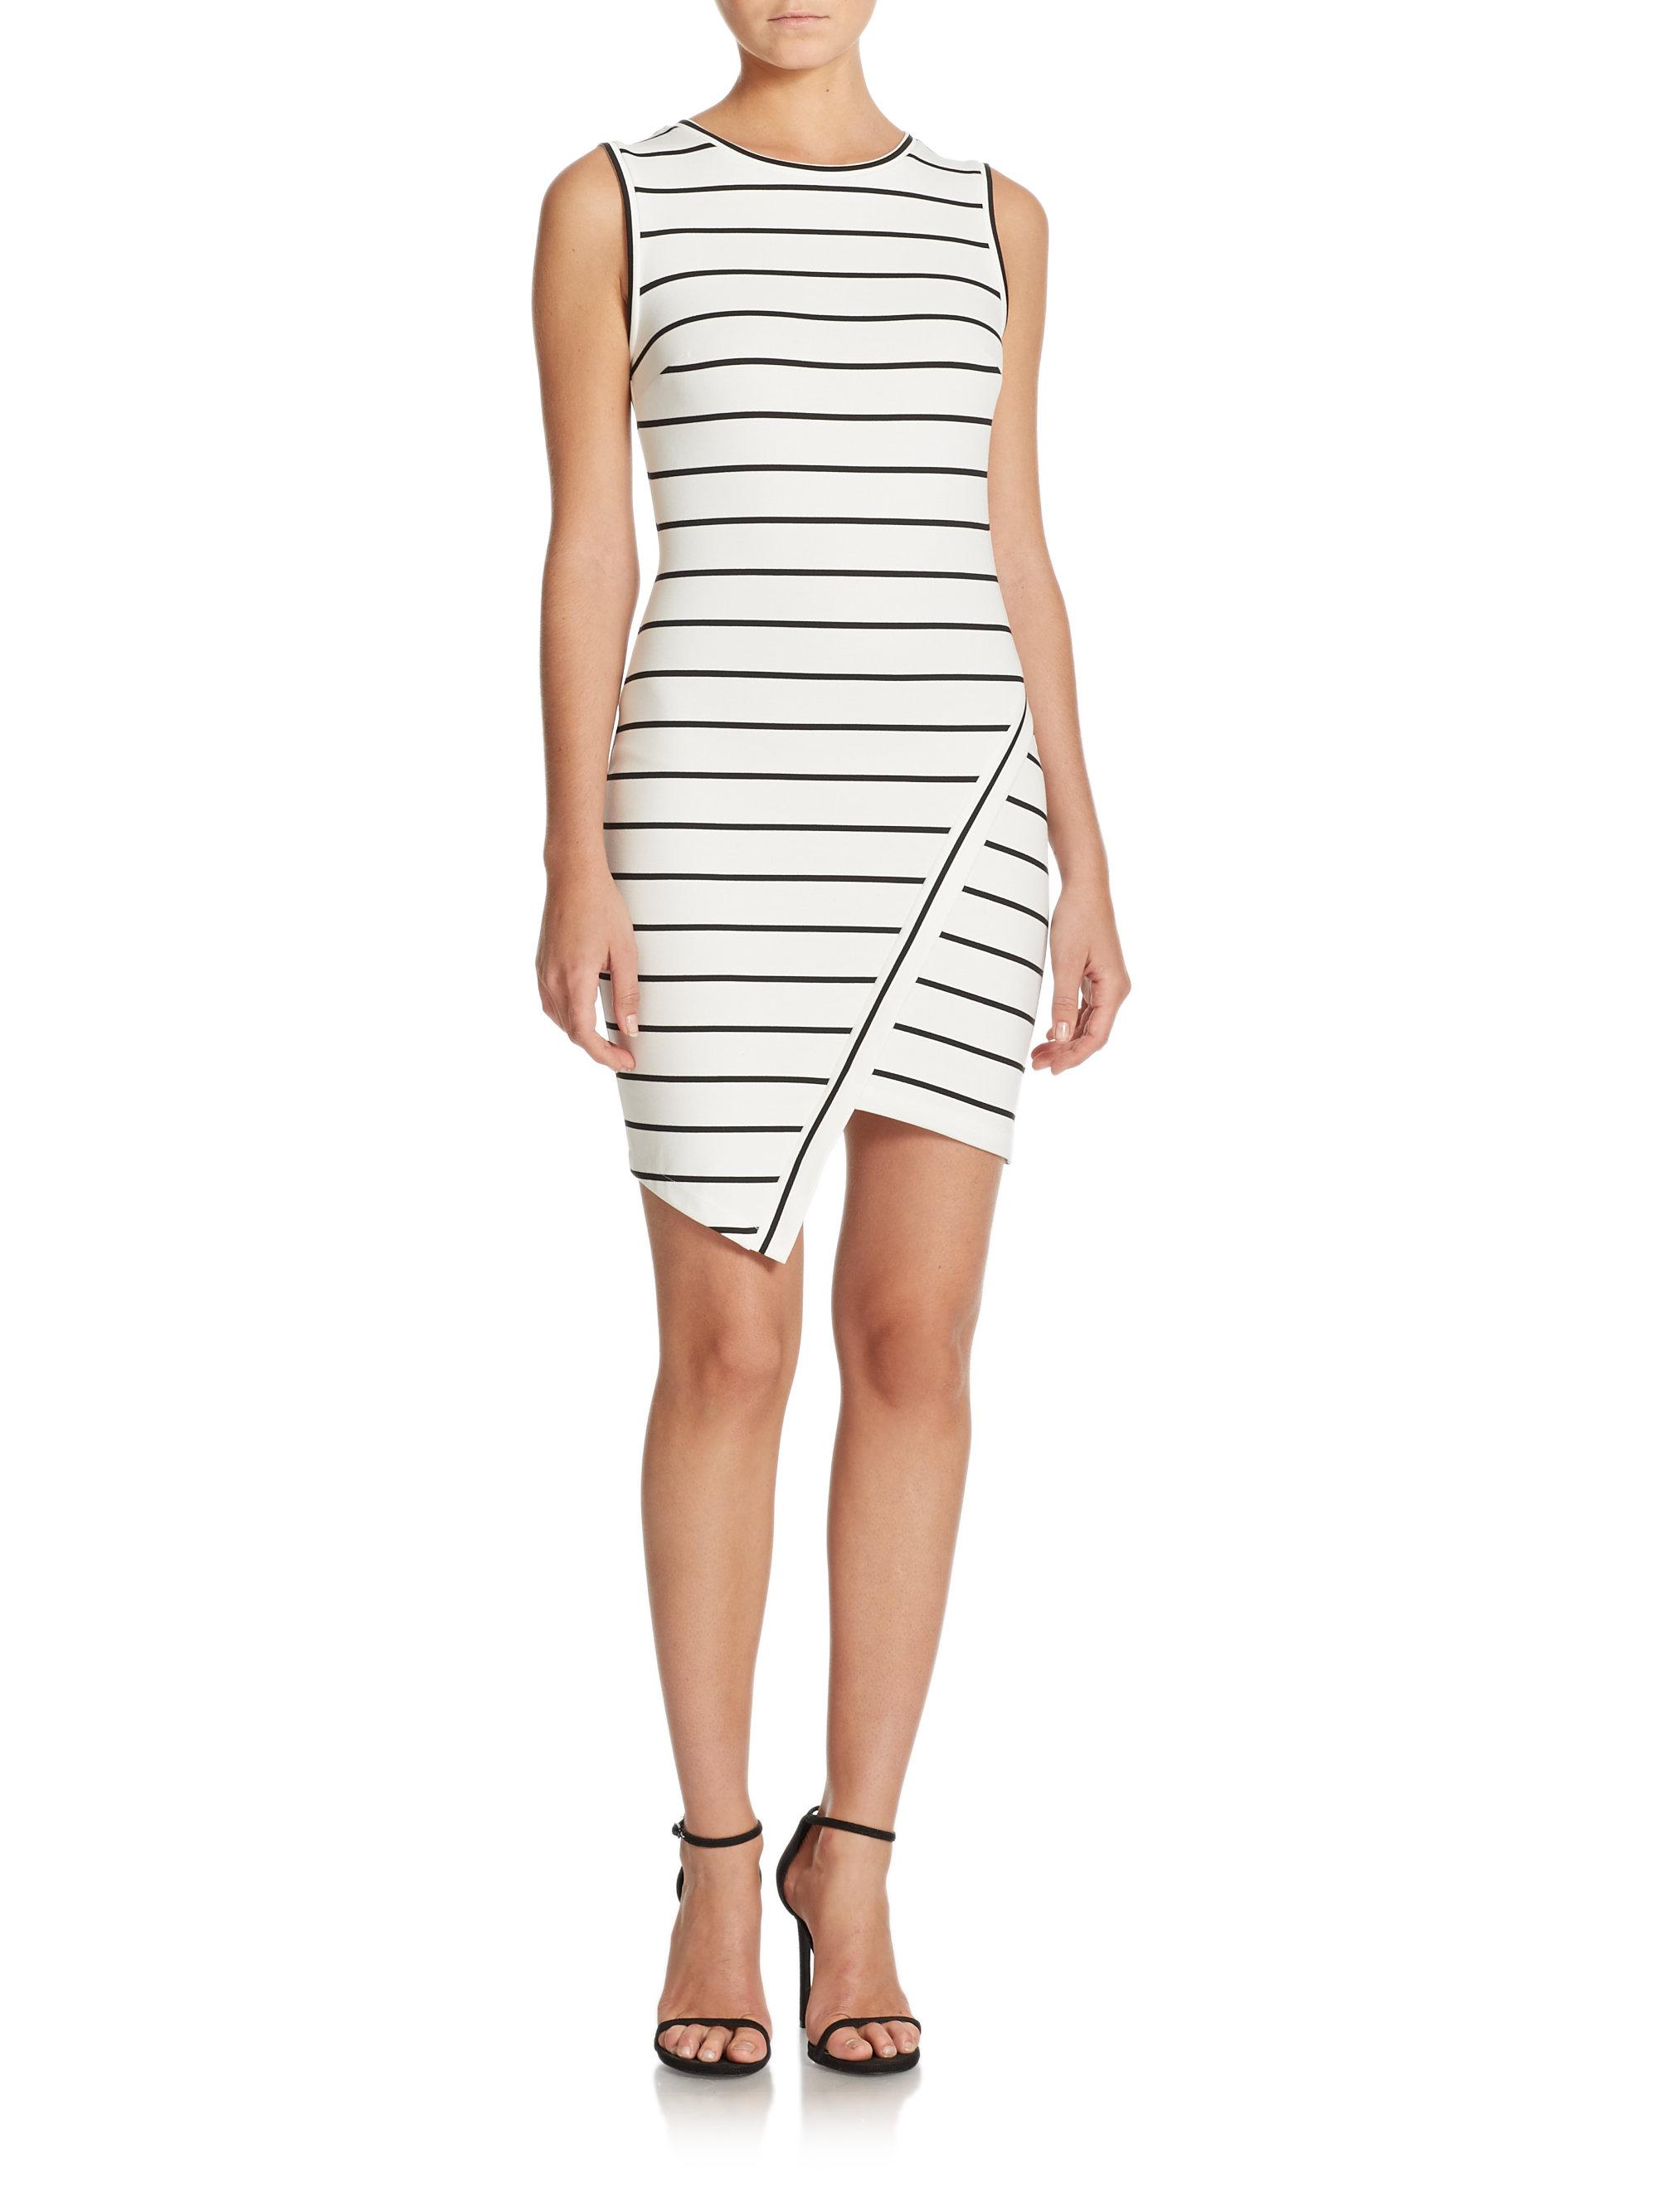 448a2a9c2961 Bec & Bridge Jedi Striped Asymmetrical Mini Dress in Black - Lyst